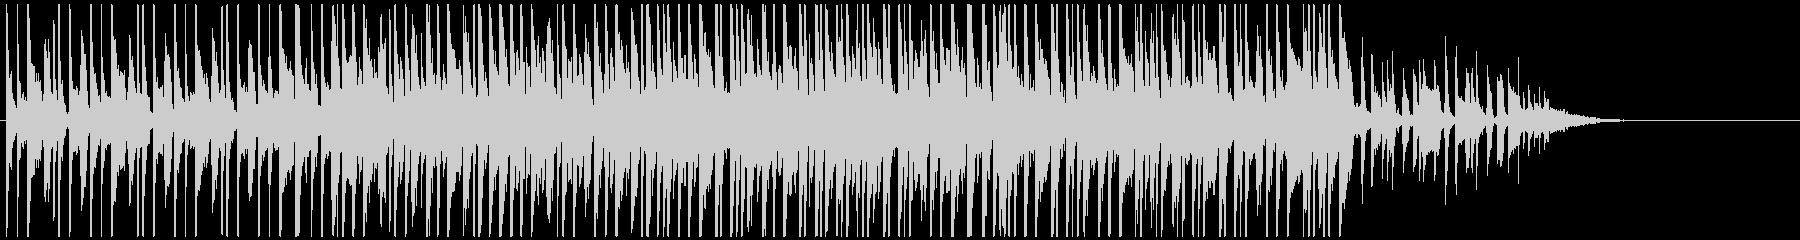 おしゃれジングル ポップジャズで未来的の未再生の波形